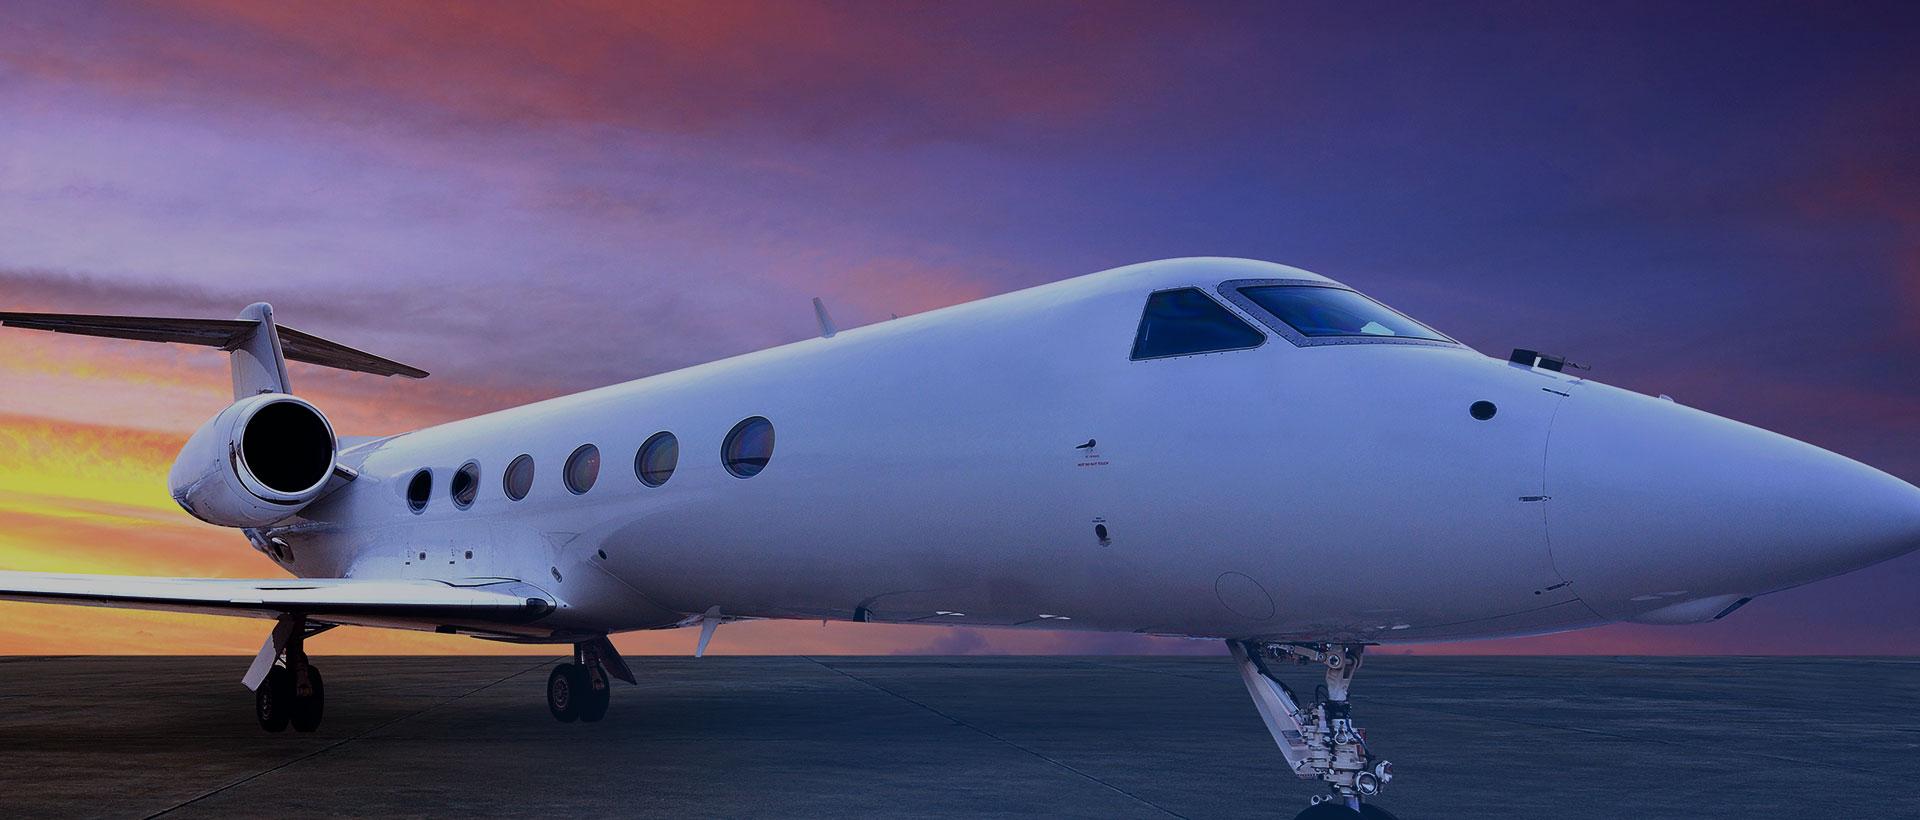 datarpm-aviation